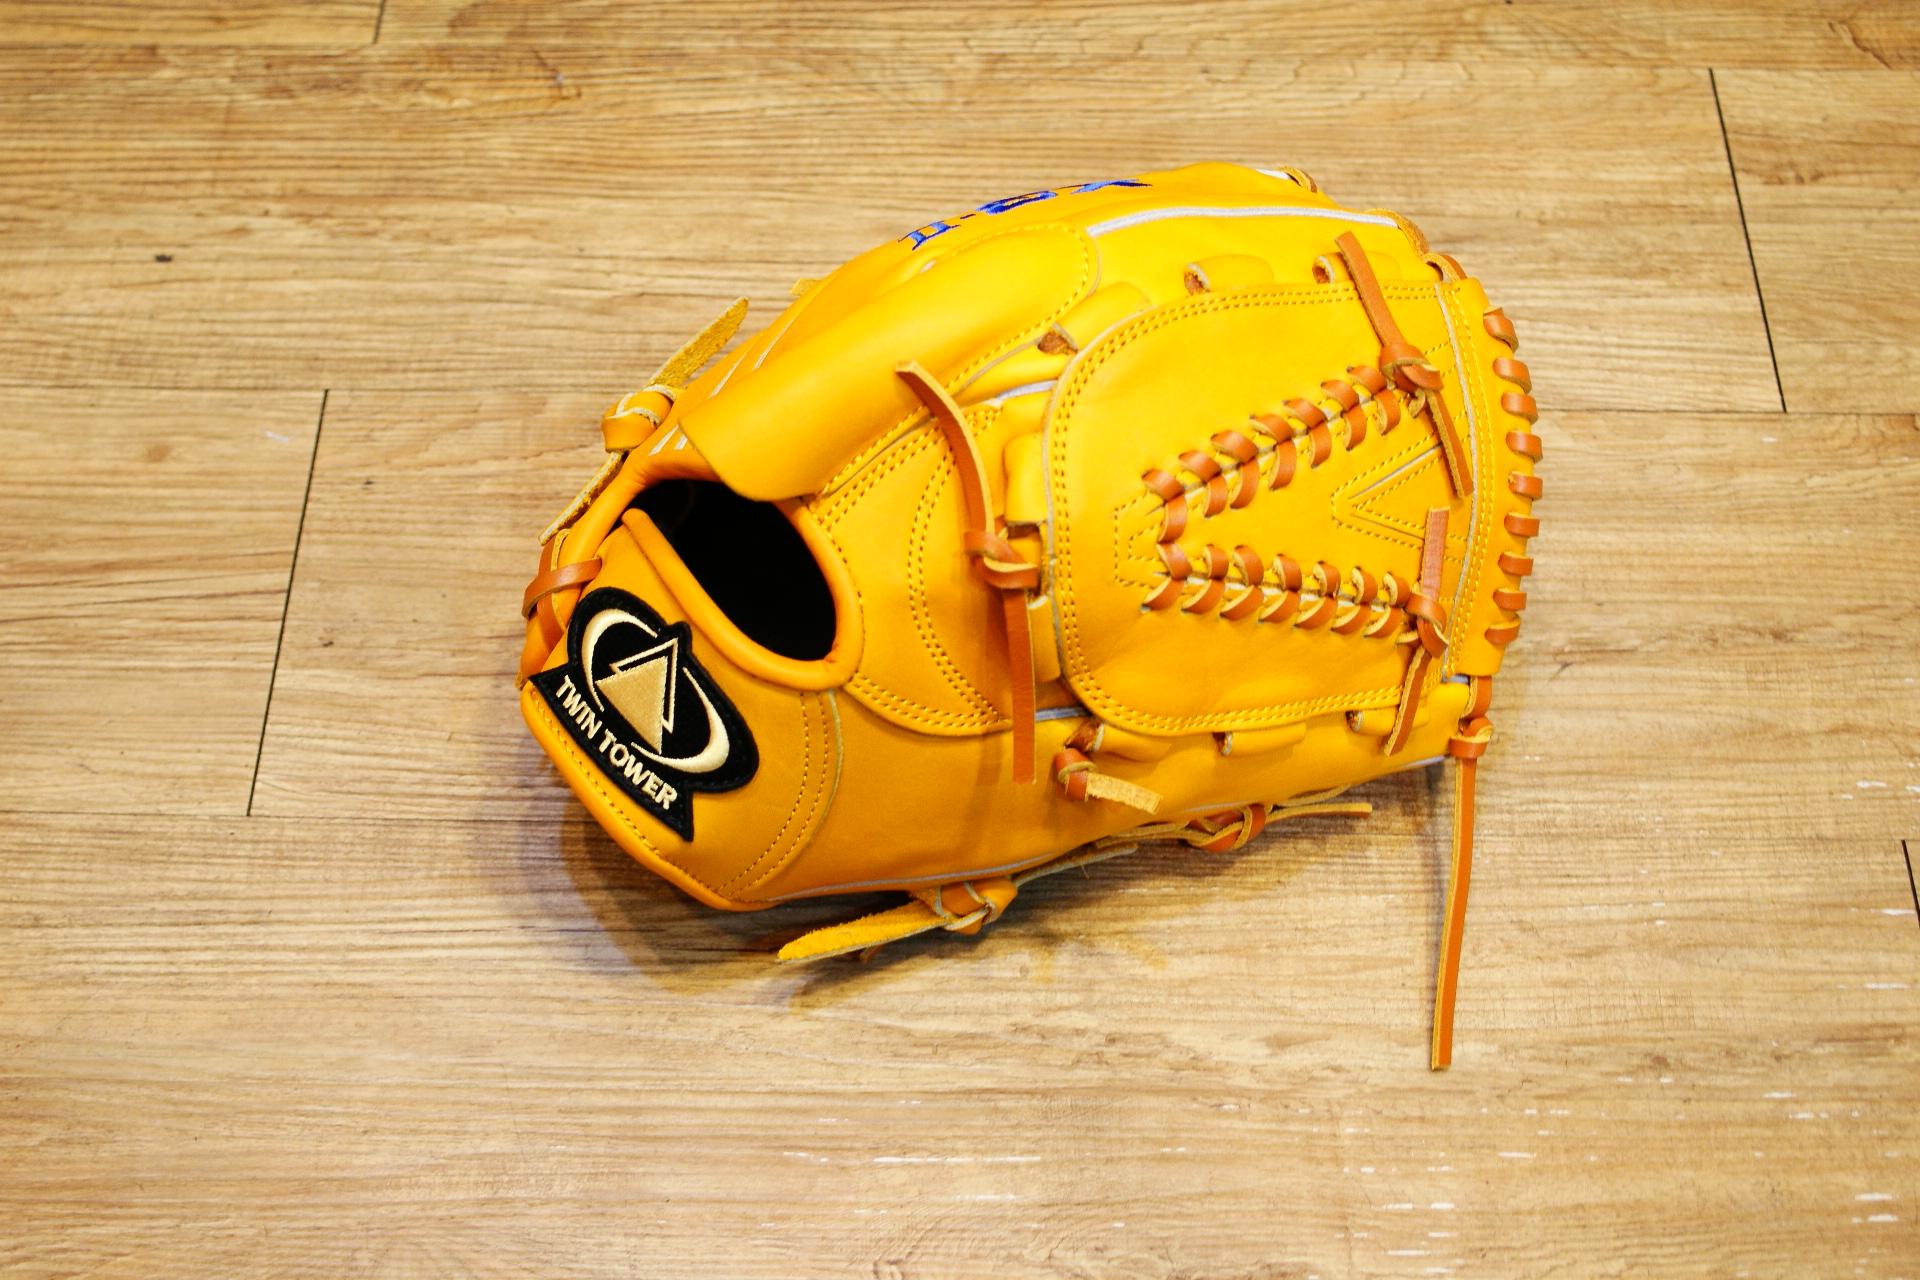 棒球世界 全新雙塔 X3 職棒級牛皮 棒壘投手手套 特價 限量原皮黃色款